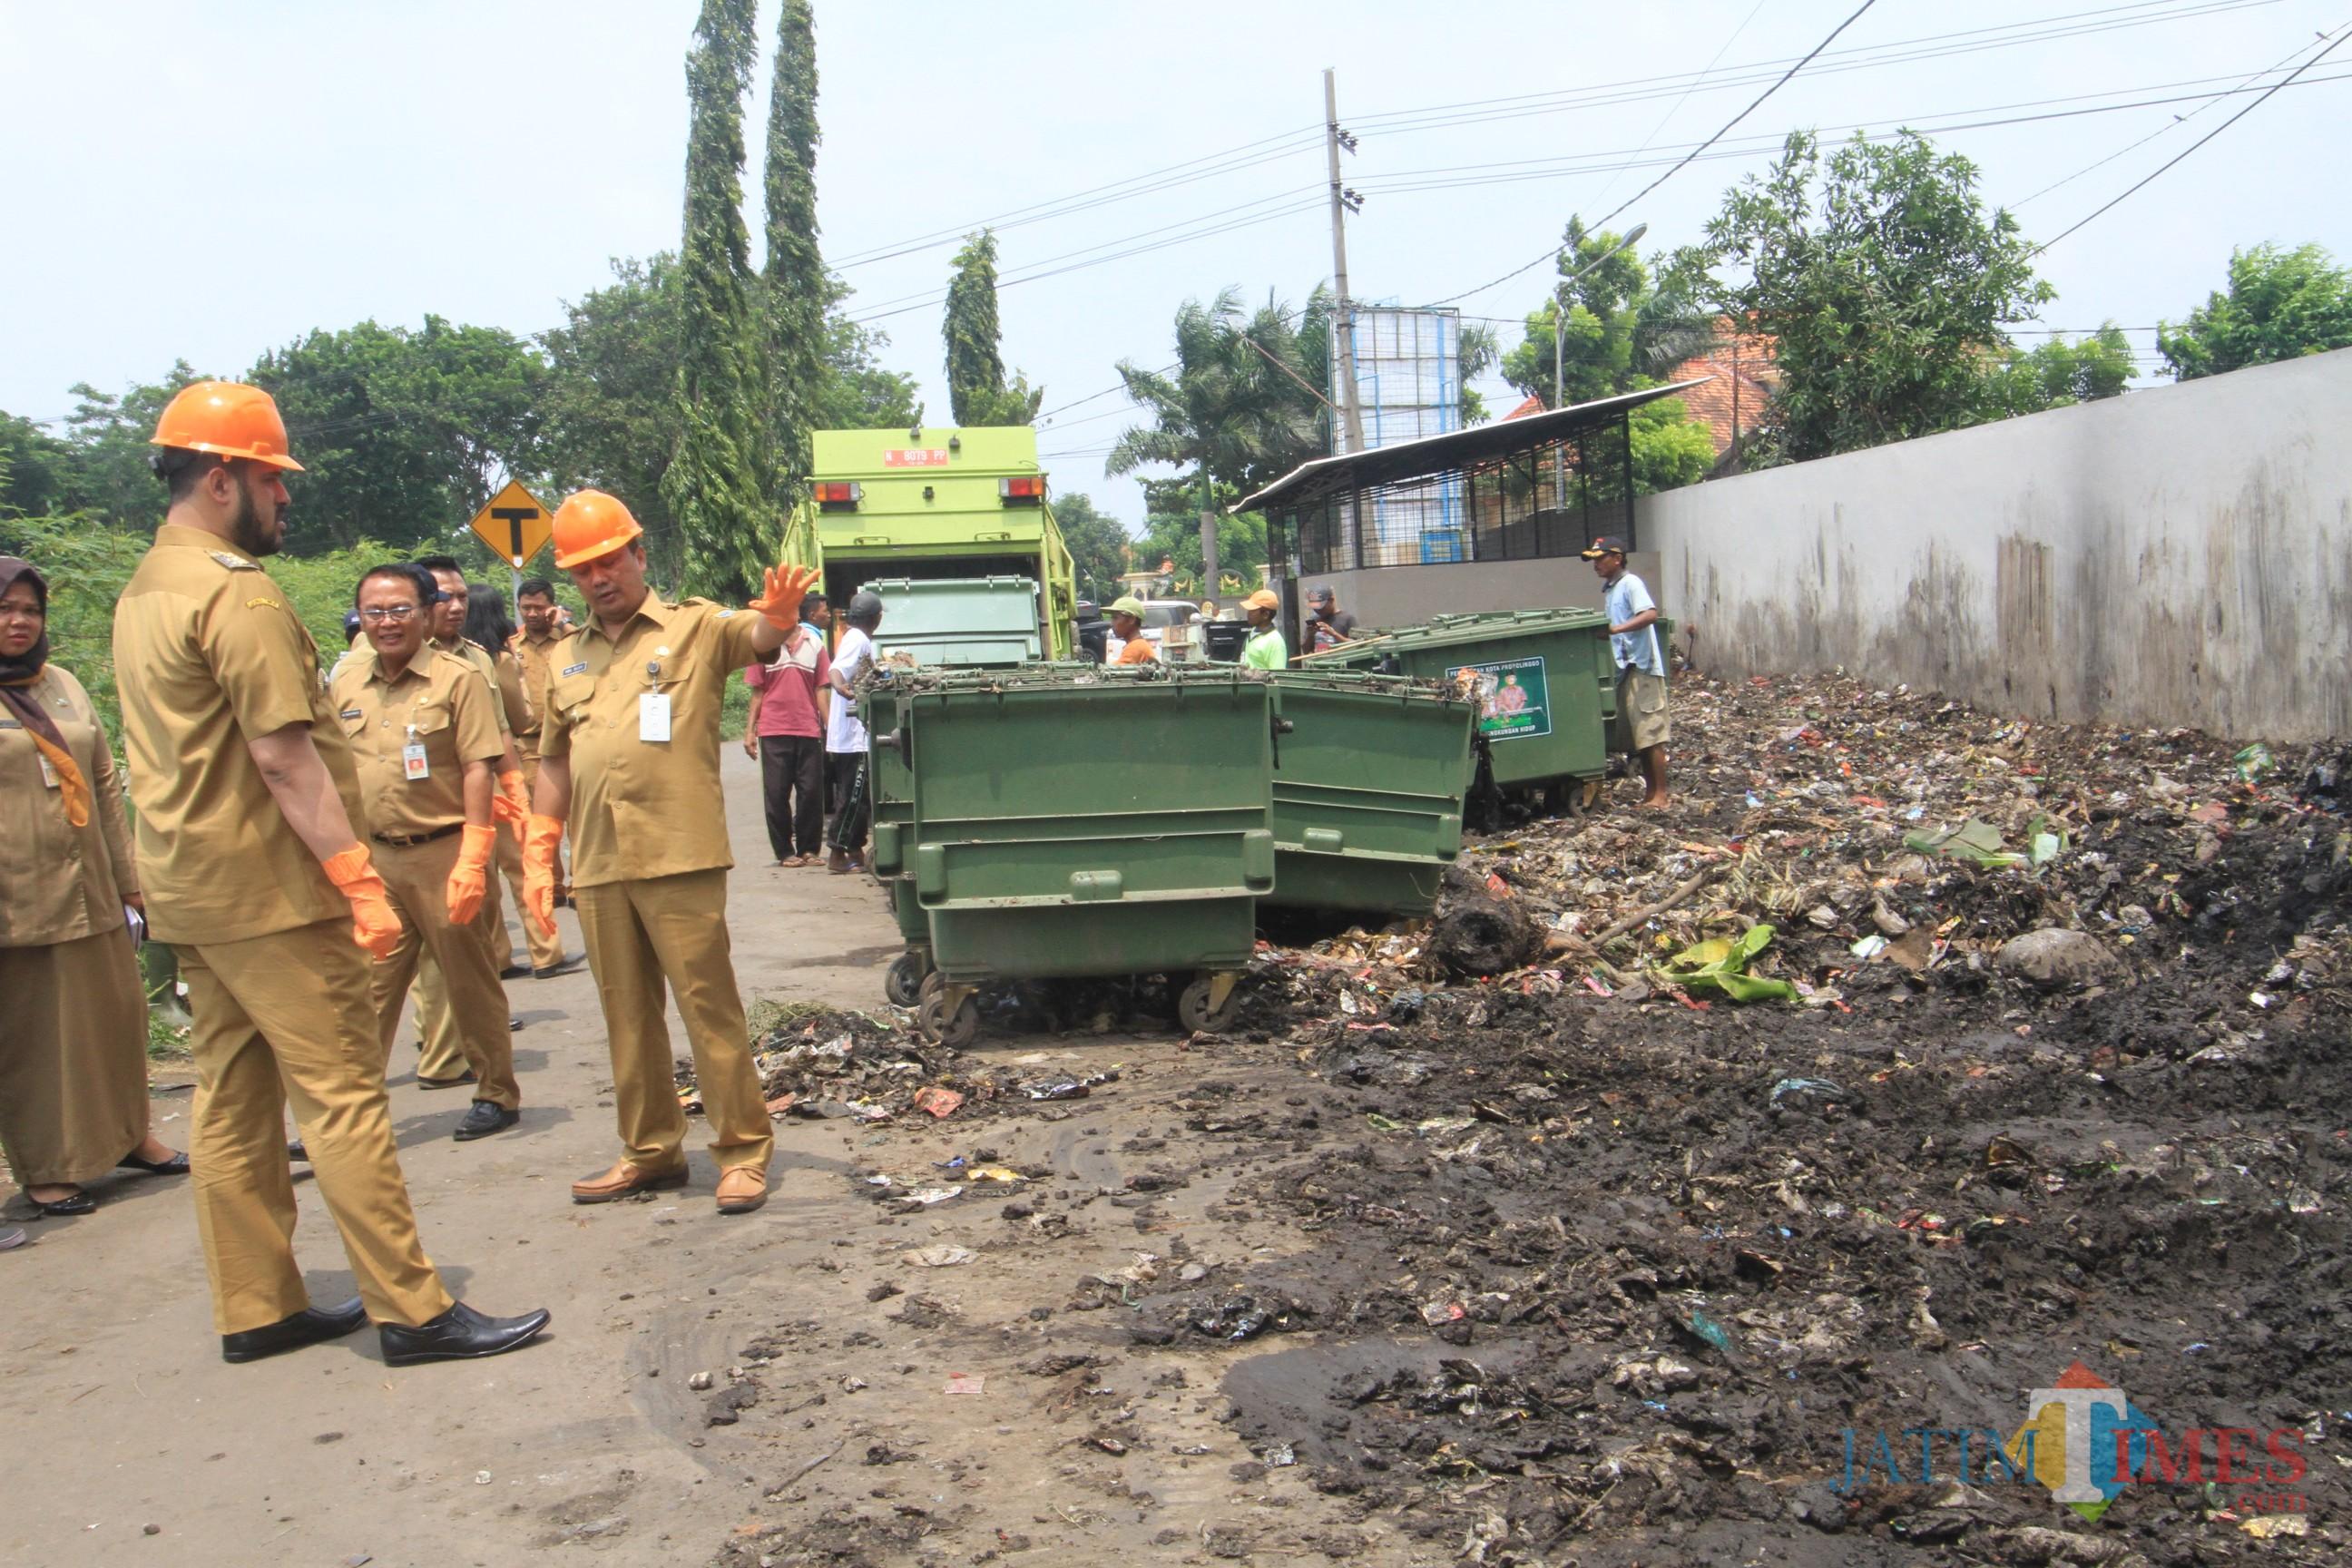 Wali Kota dan Wakil Wali Kota Probolinggo saat meninjau sambil kerja bakti di TPS Kedopok yang sampahnya meresahkan warga (Agus Salam/Jatim TIMES)